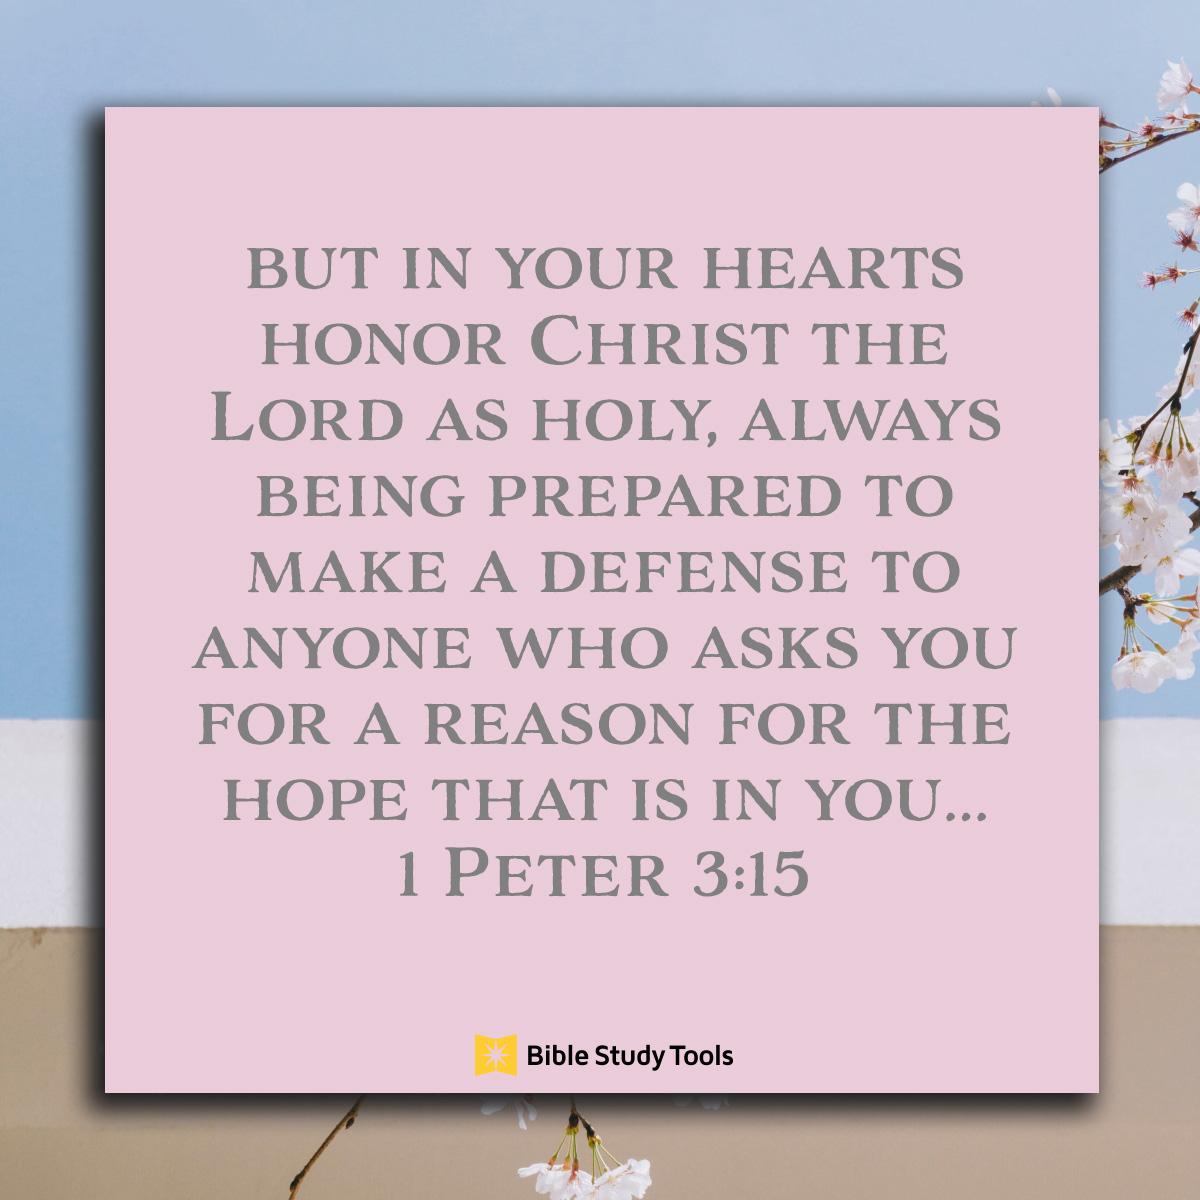 1 Peter 3:15, inspirational image